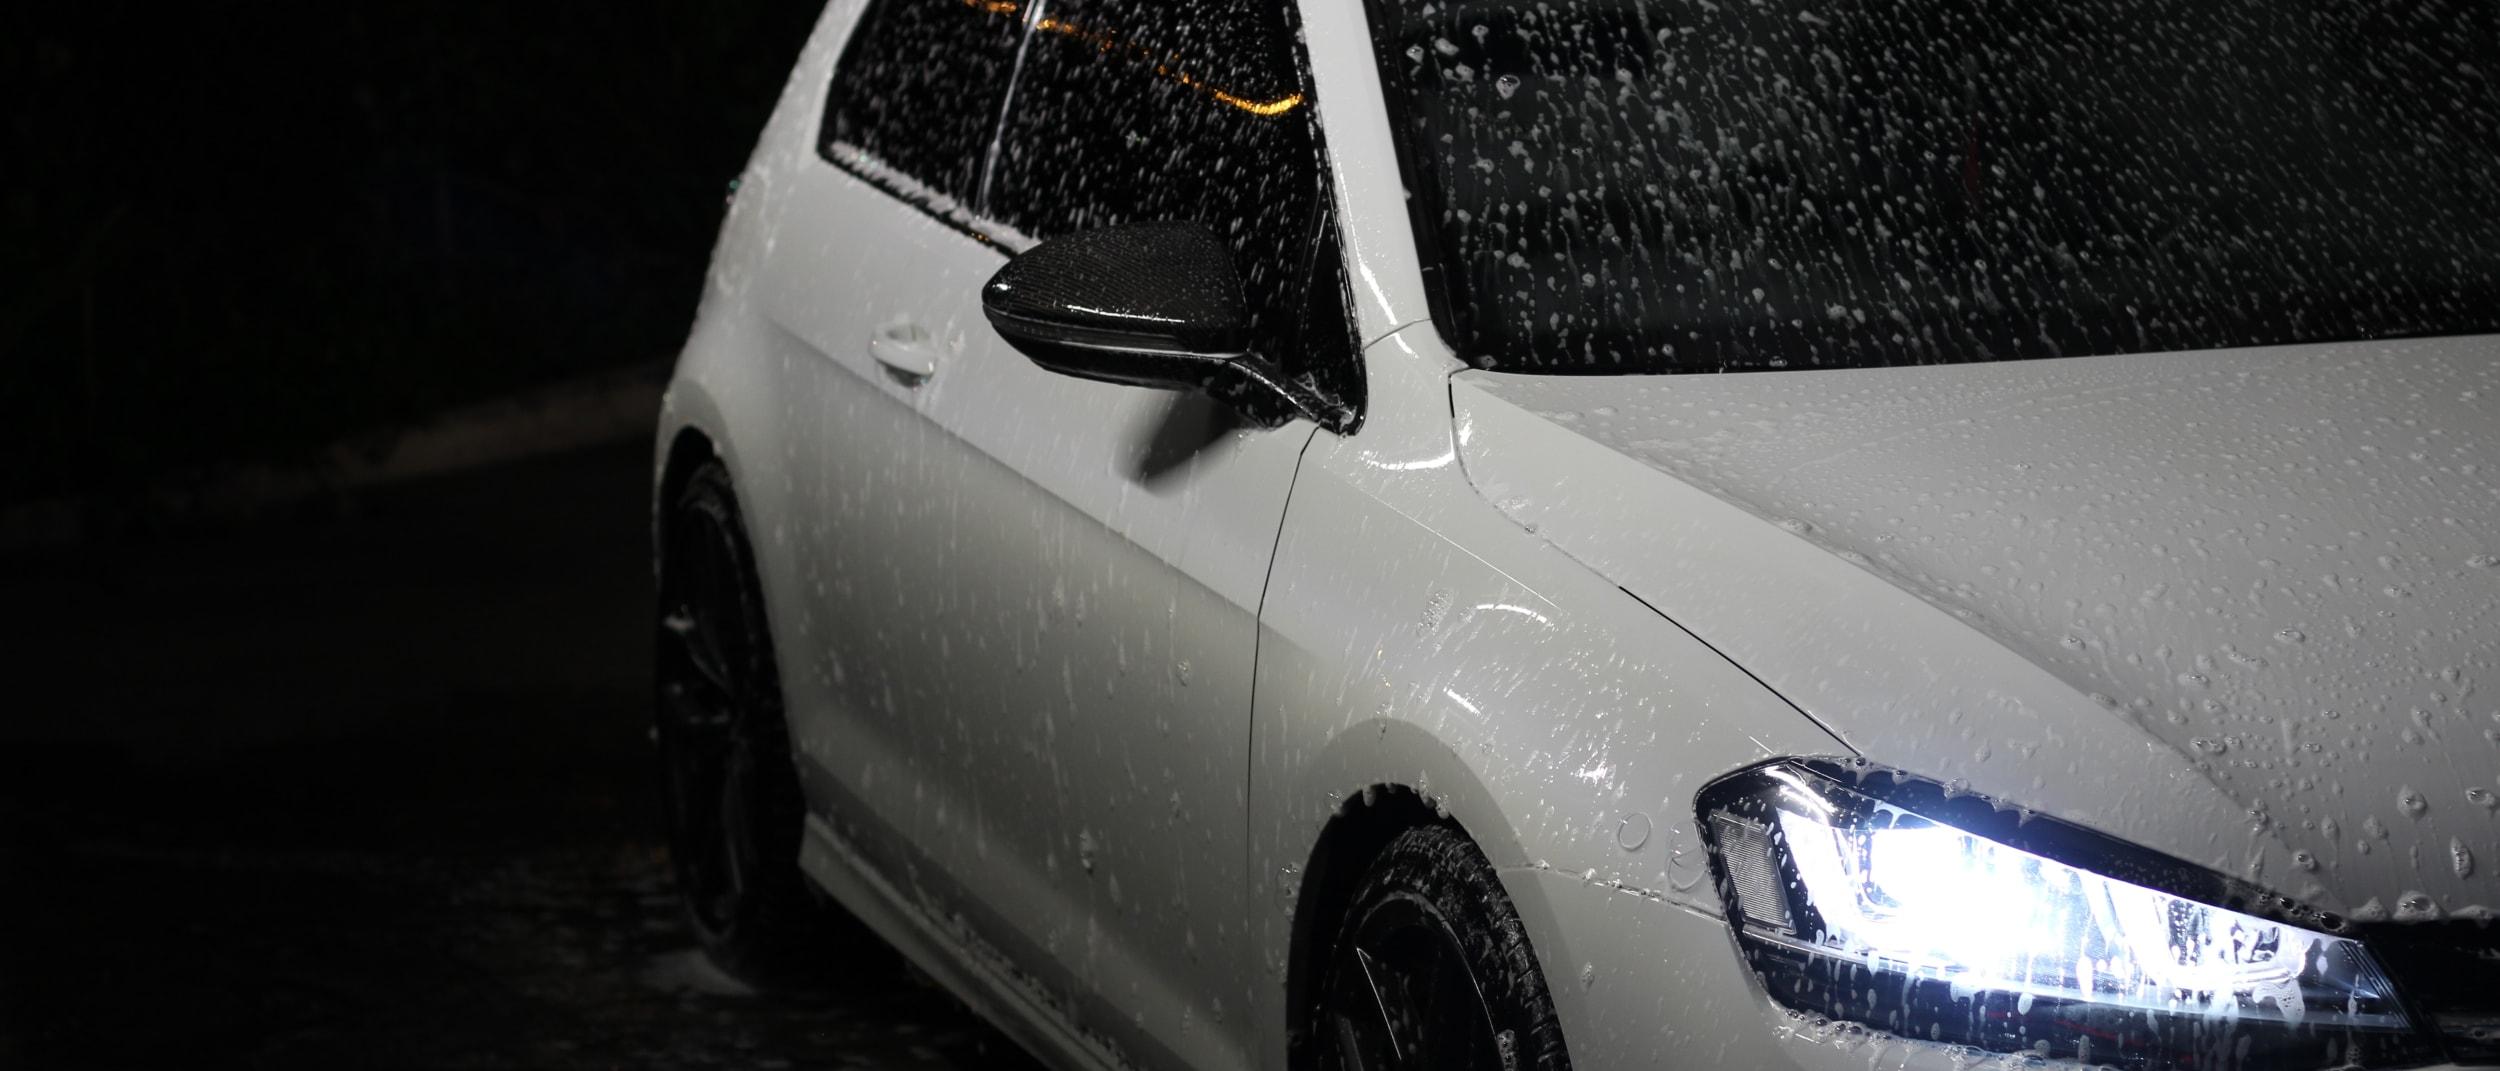 Concierge Car Wash: Now open